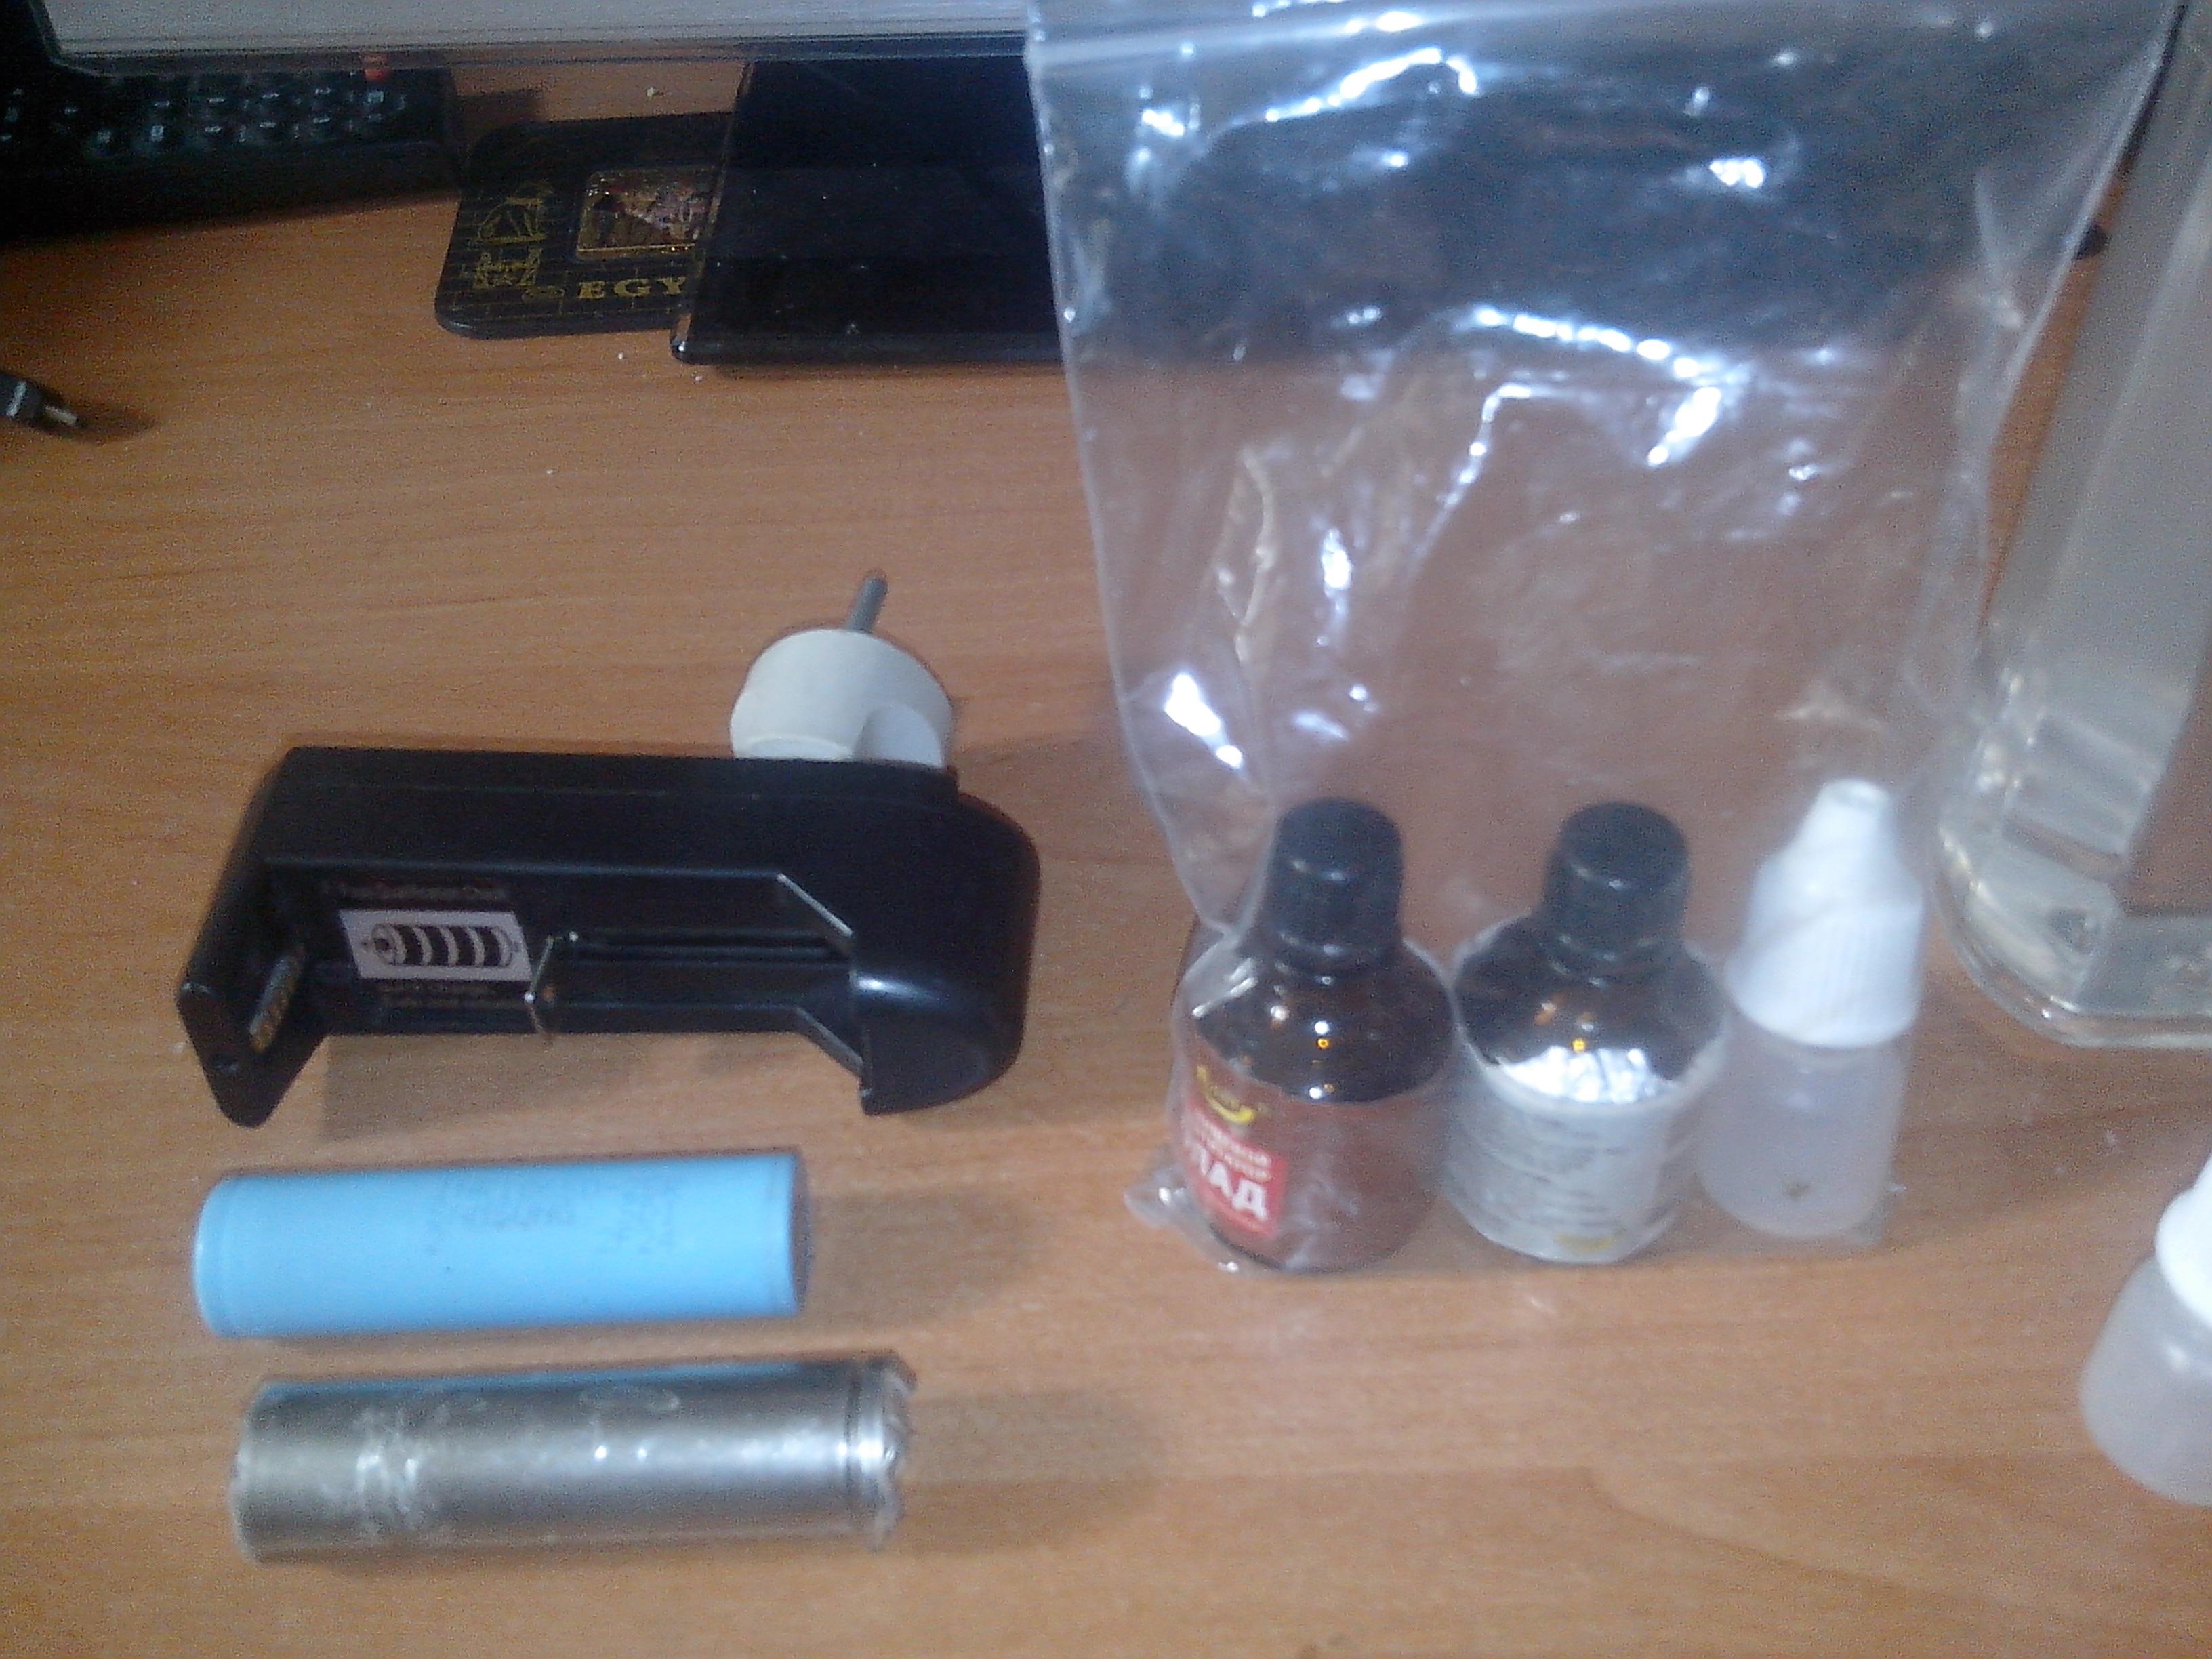 Продам nemesis, magma, аккумулятор, жидкость + куча плюшек 844